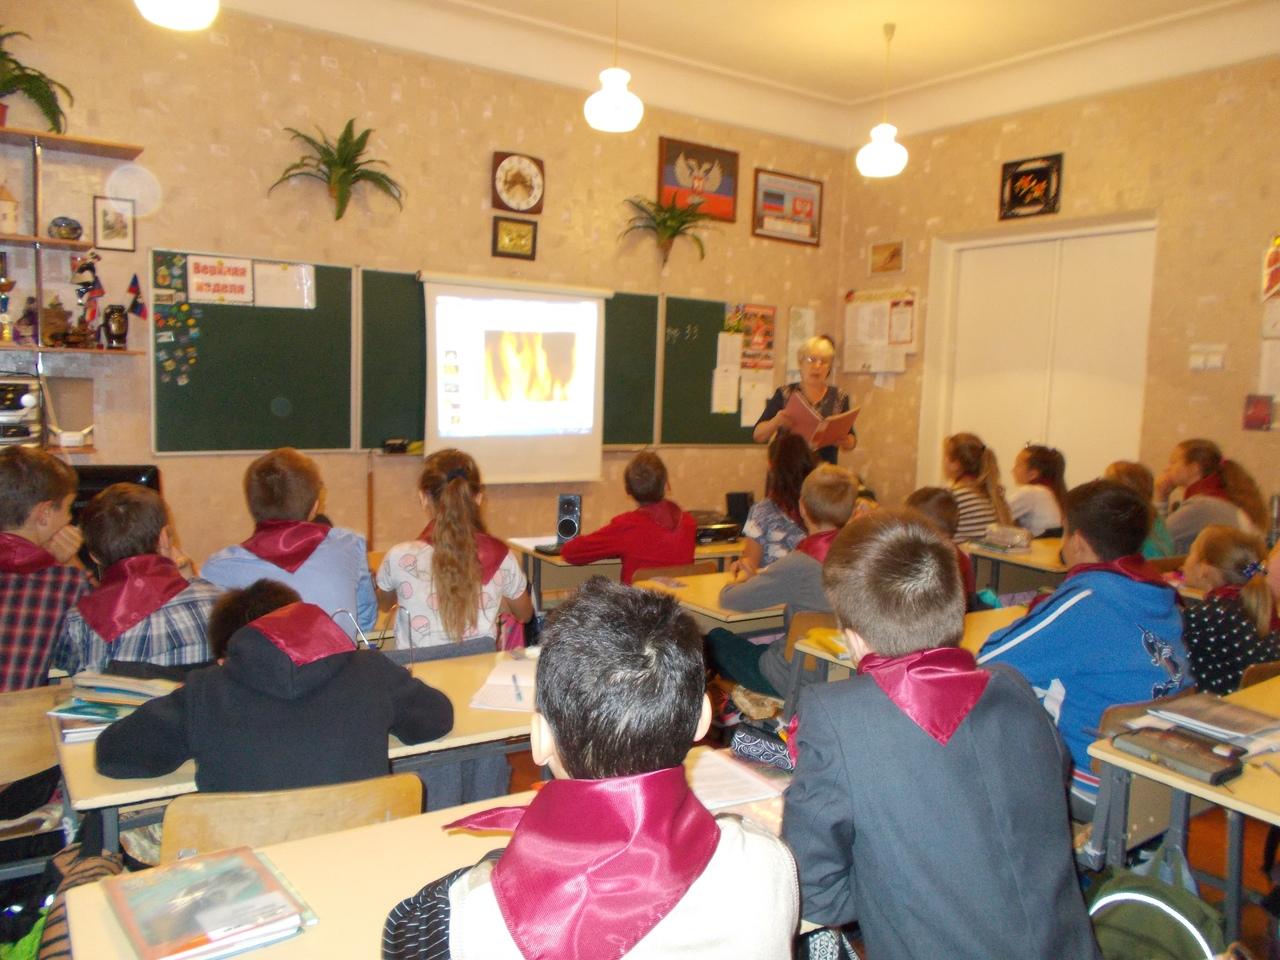 Донецкая республиканская библиотека для детей, отдел обслуживания учащихся 5-9 классов, соблюдения правил пожарной безопасности, школа 86